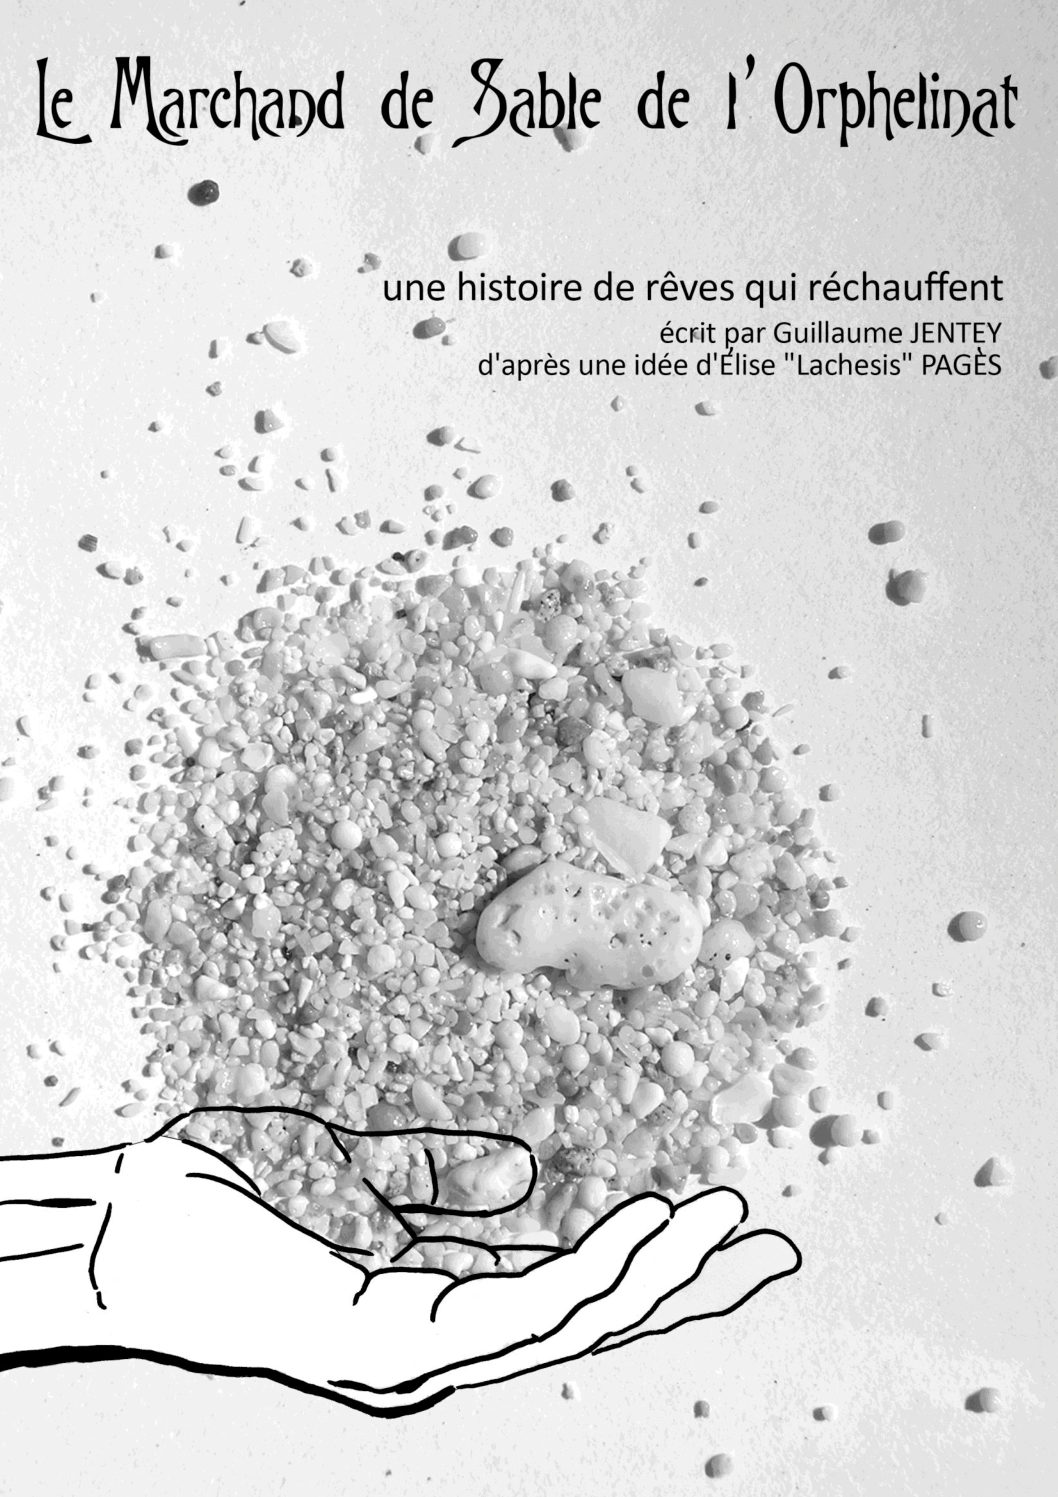 Jeu de rôle court : Le marchand de sable de l'orphelinat par Guillaume Jentey